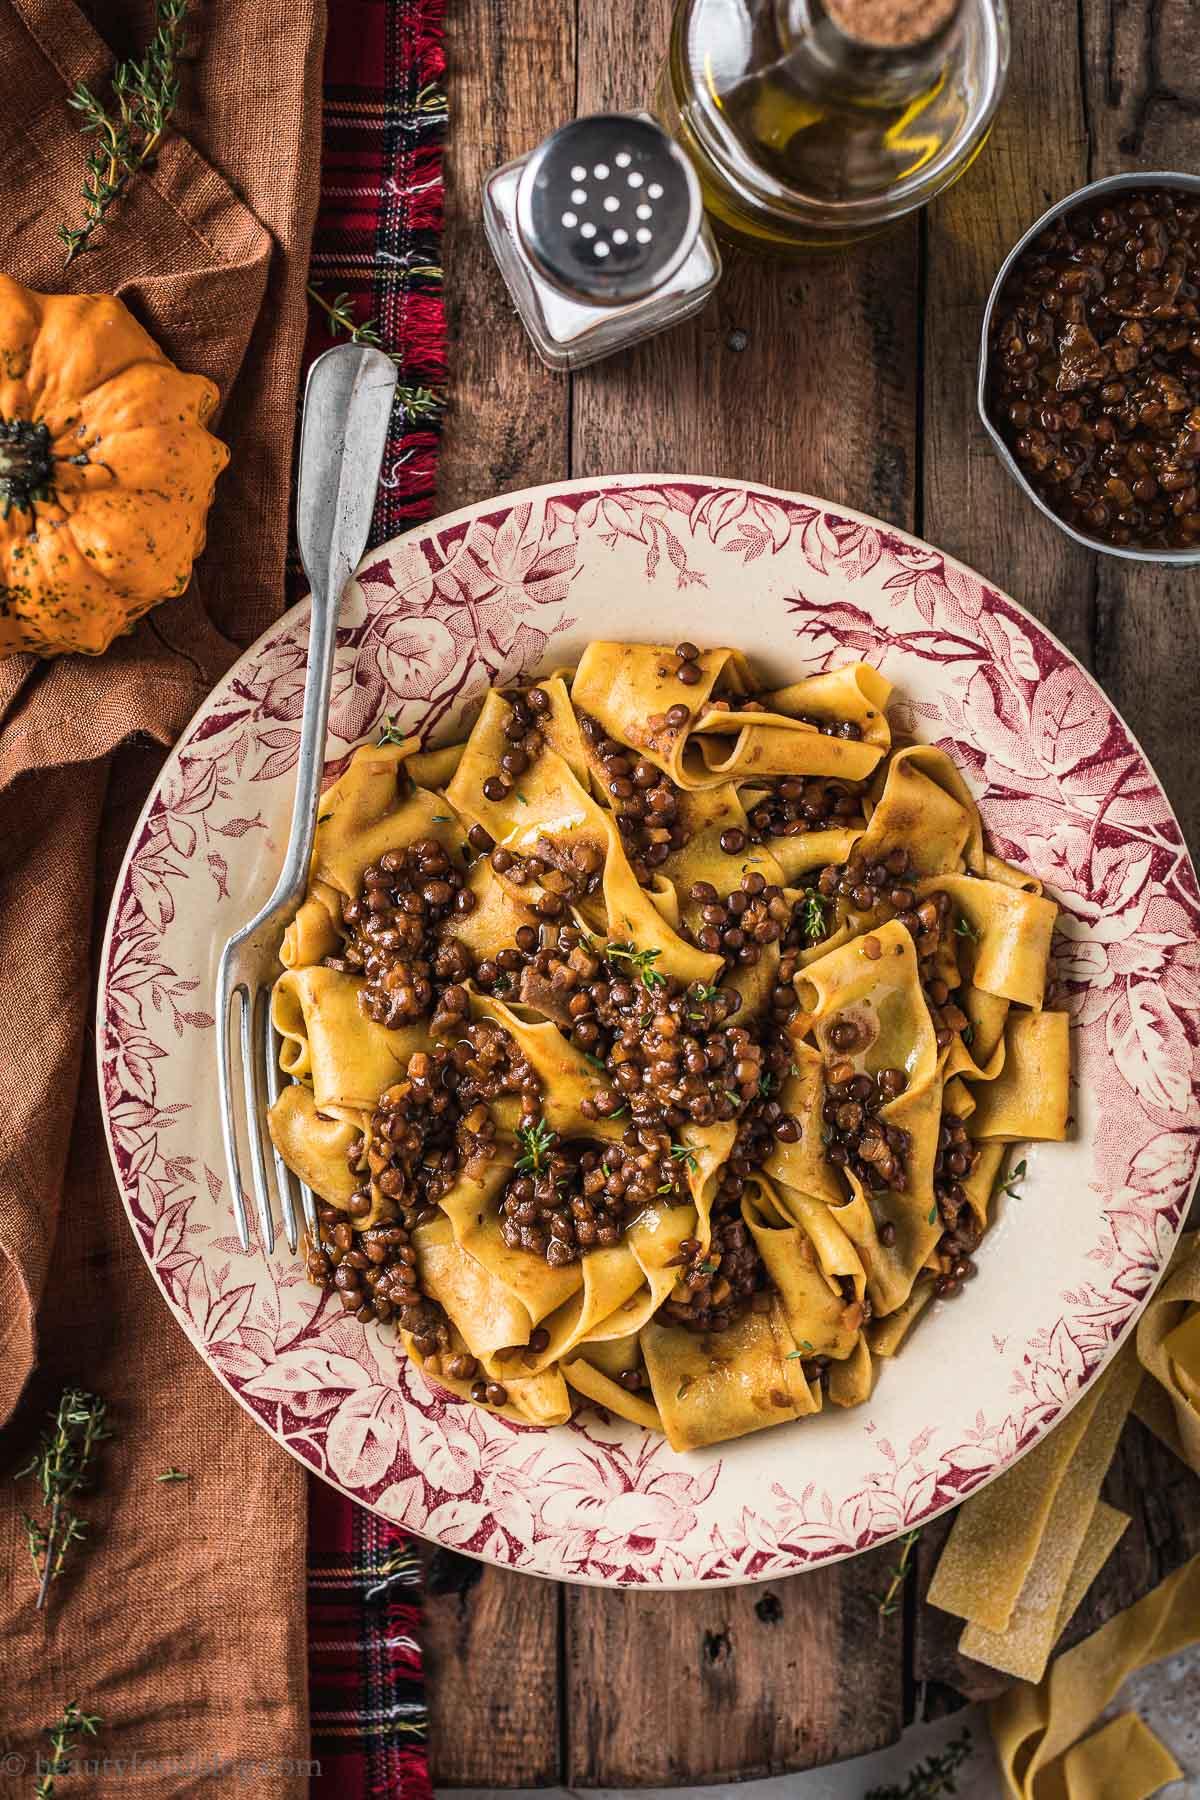 Ricetta Lenticchie E Funghi.Ragu Di Lenticchie E Funghi Vegan Mushroom And Lentil Ragu